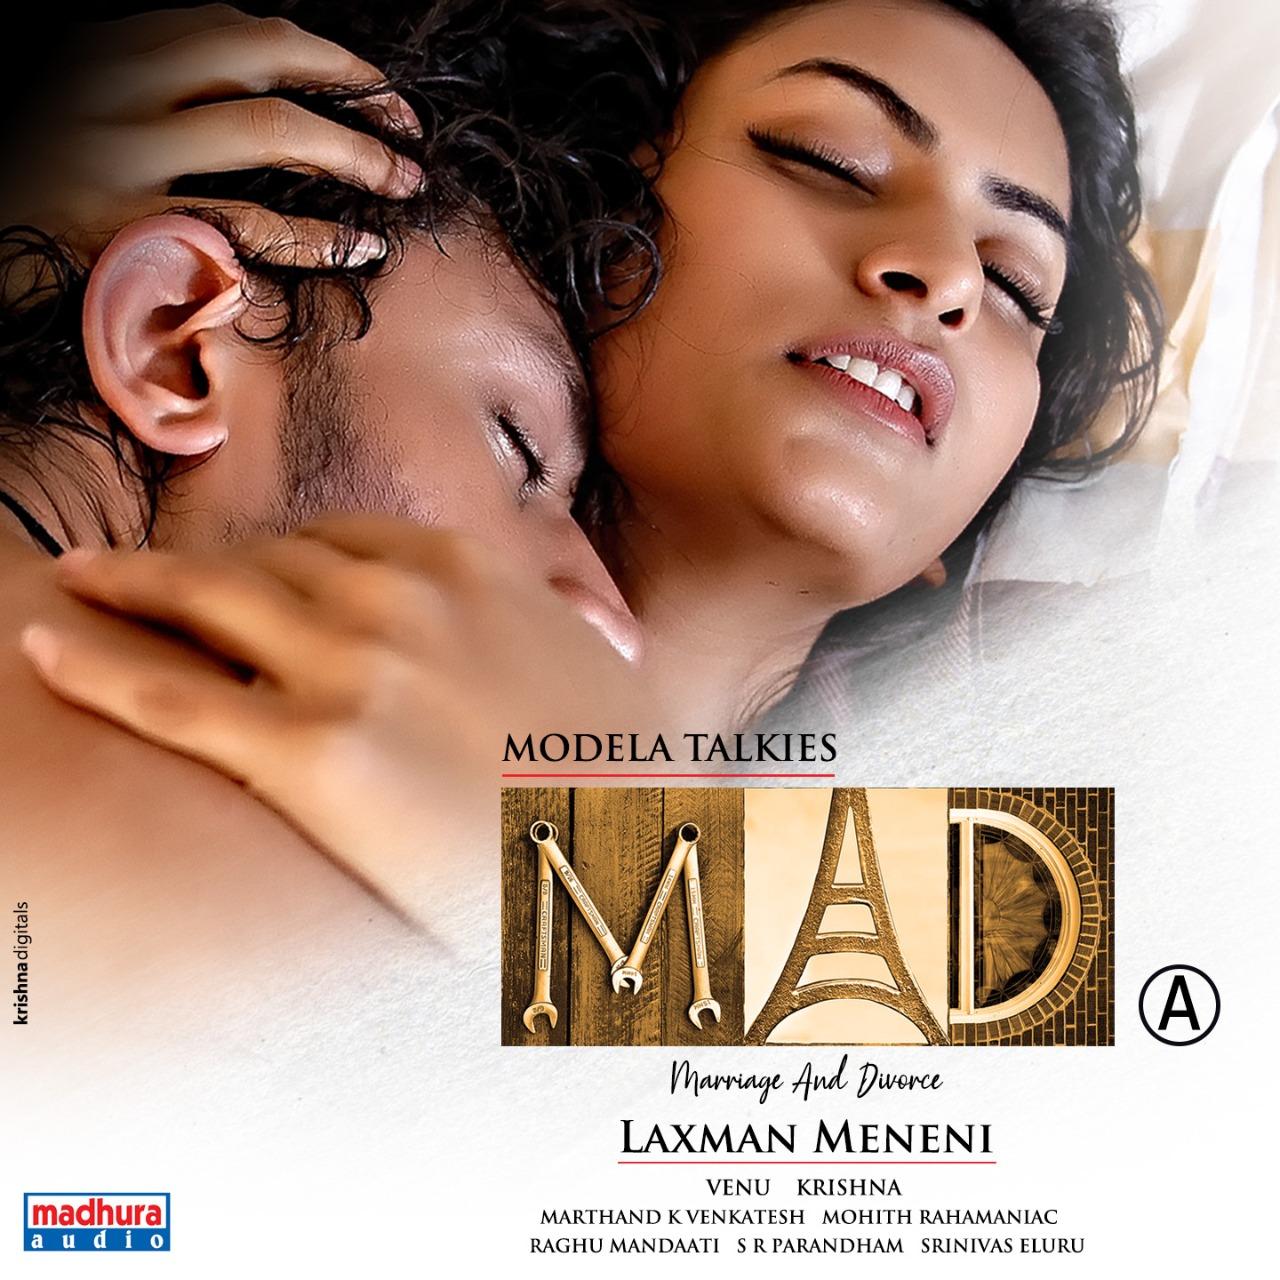 18+ MAD Marriage And Divorce 2021 Telugu Movie 480p HDRip ESub 400MB x264 AAC